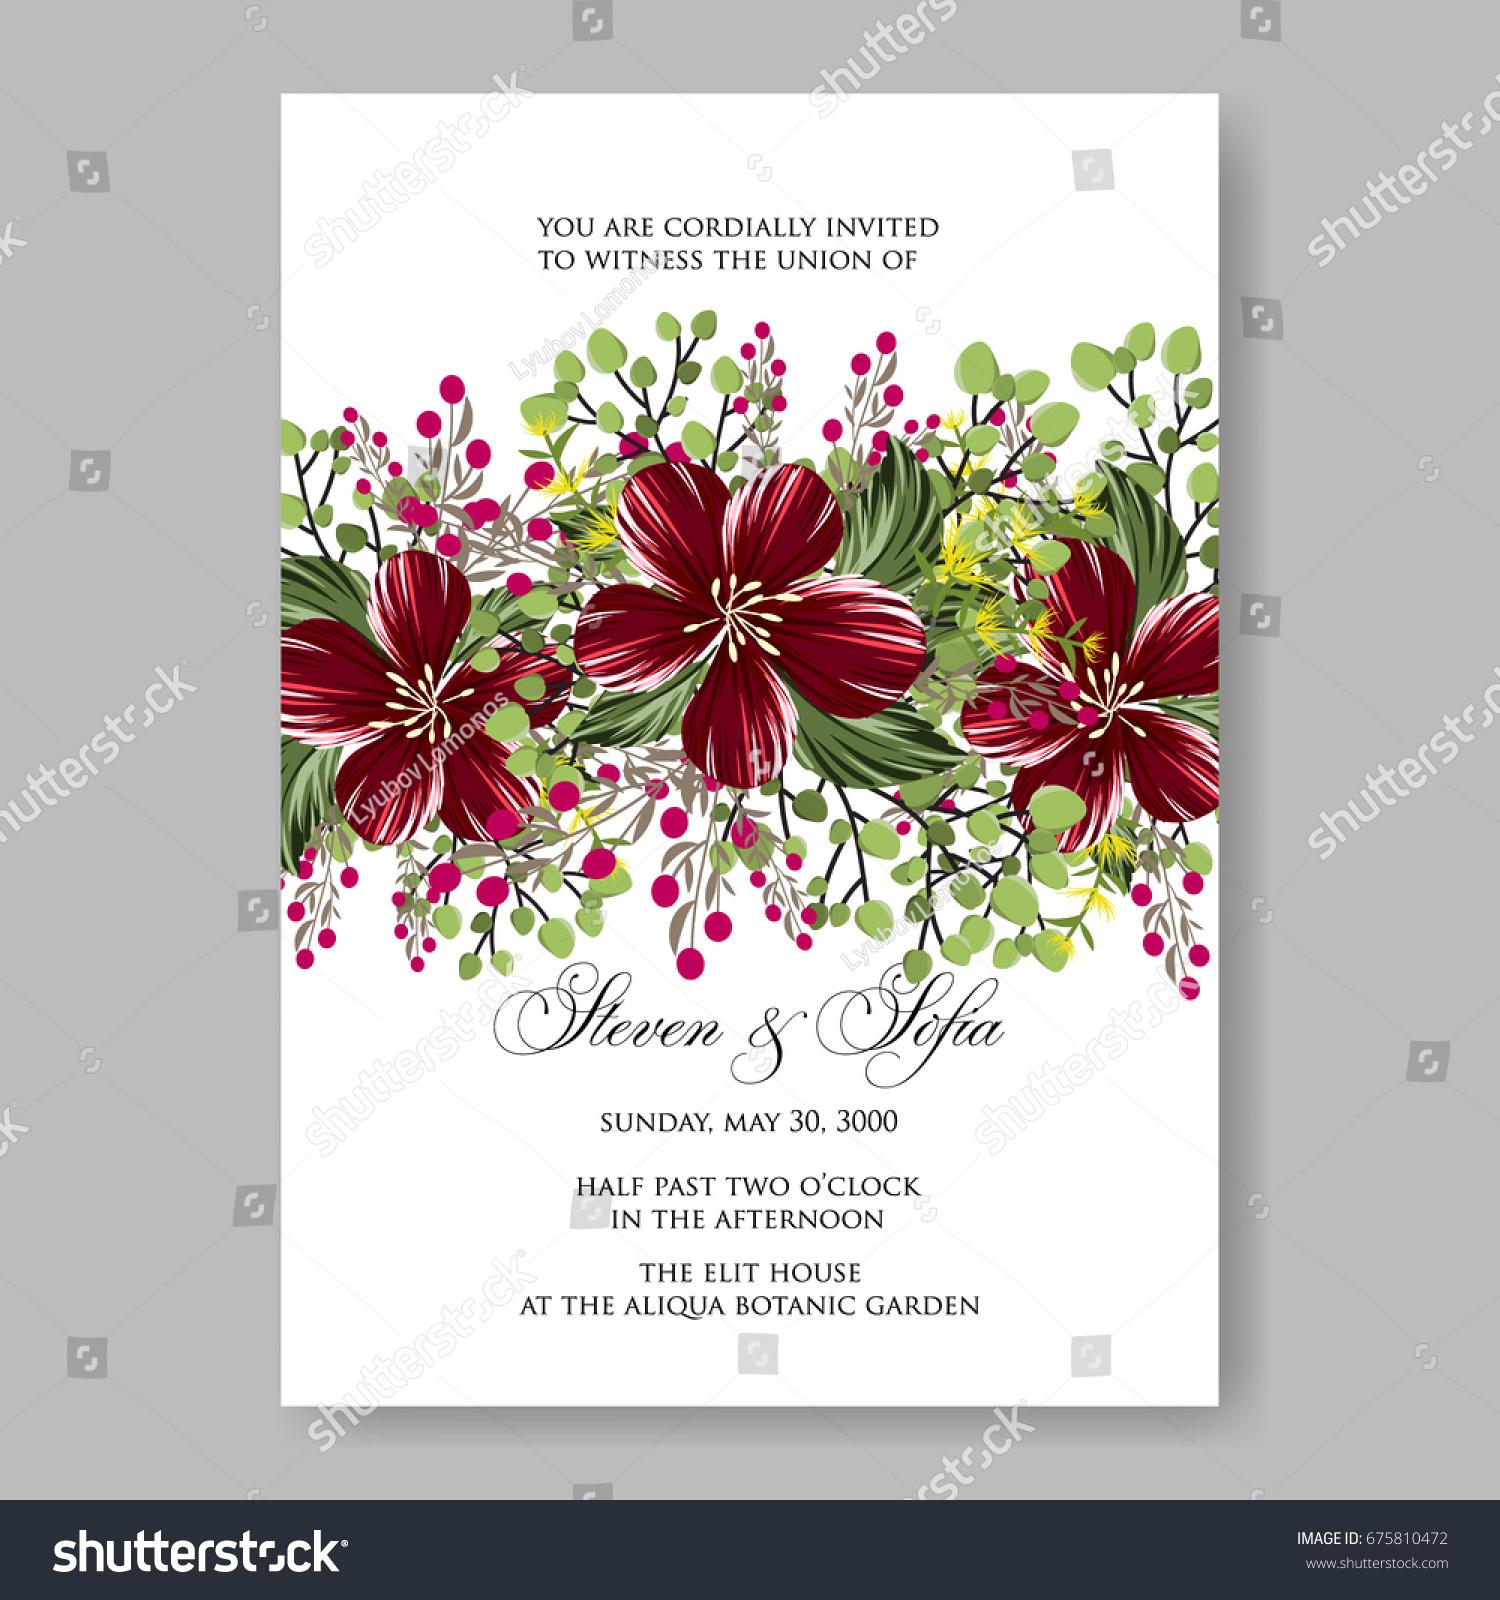 Hibiscus Pionsettia Rose Floral Wedding Invitation Stock Vector ...